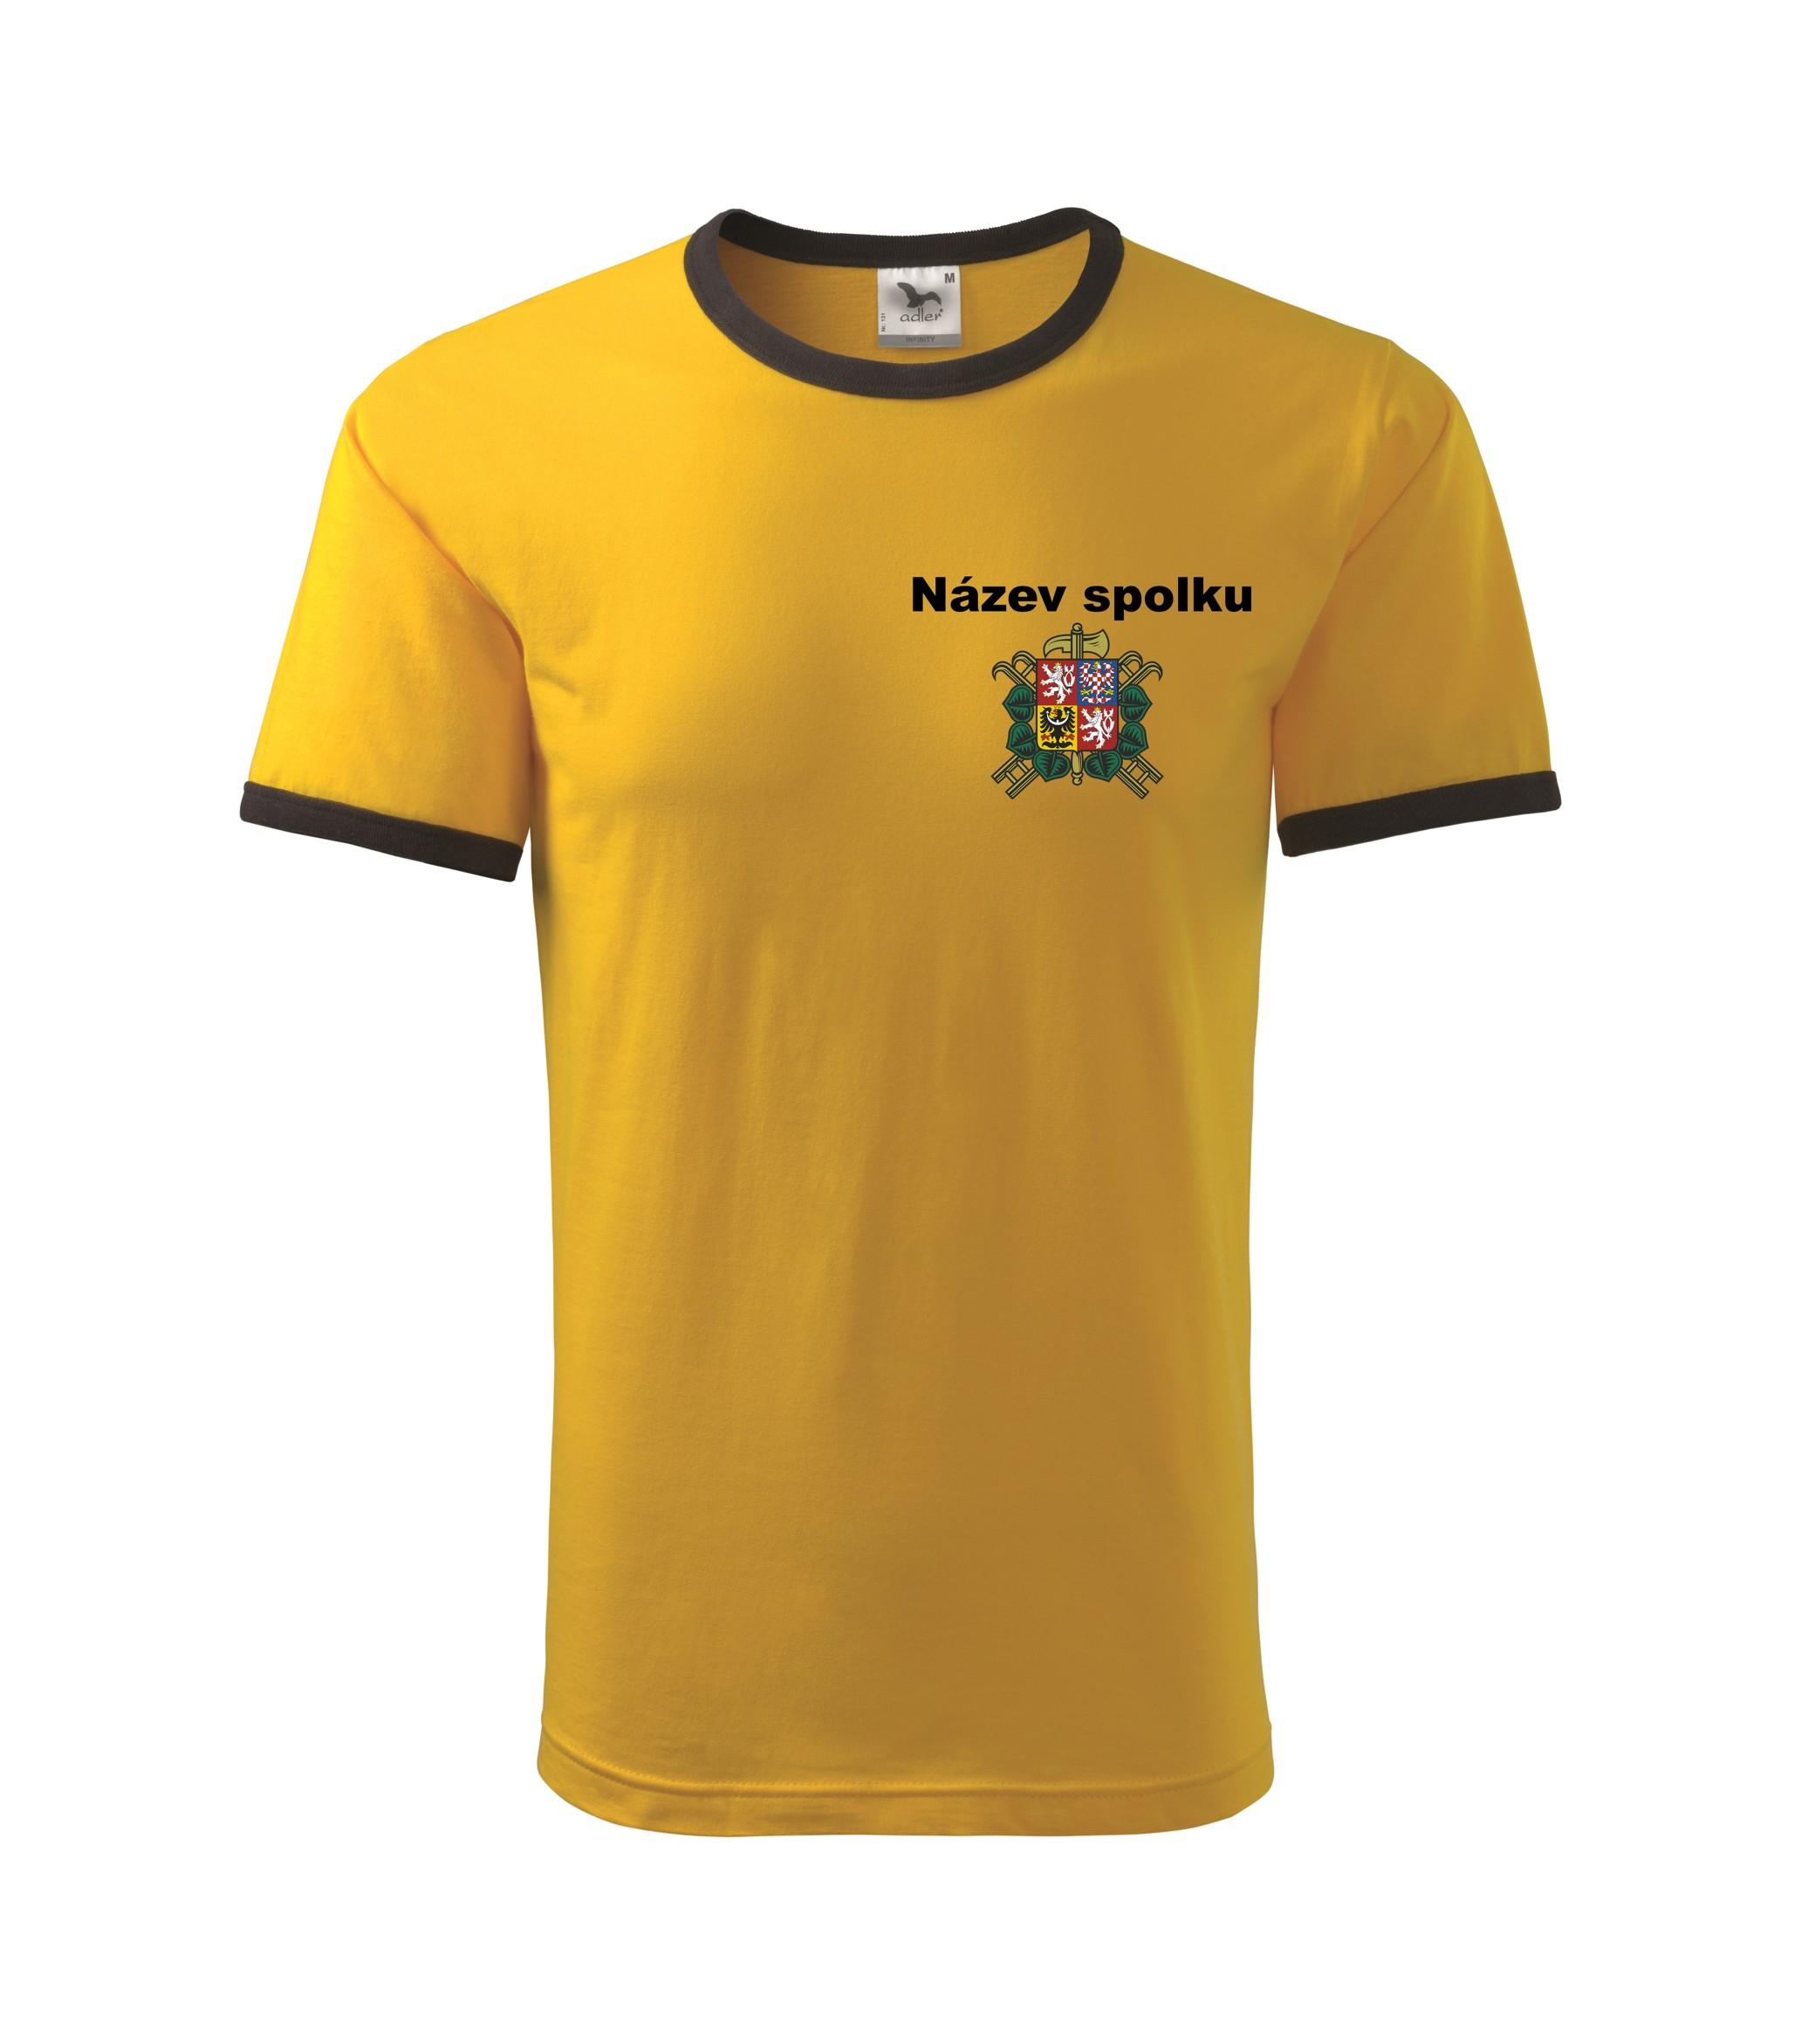 b0af91ef51e Hasičská trička jsou určeny jak pro profesionály